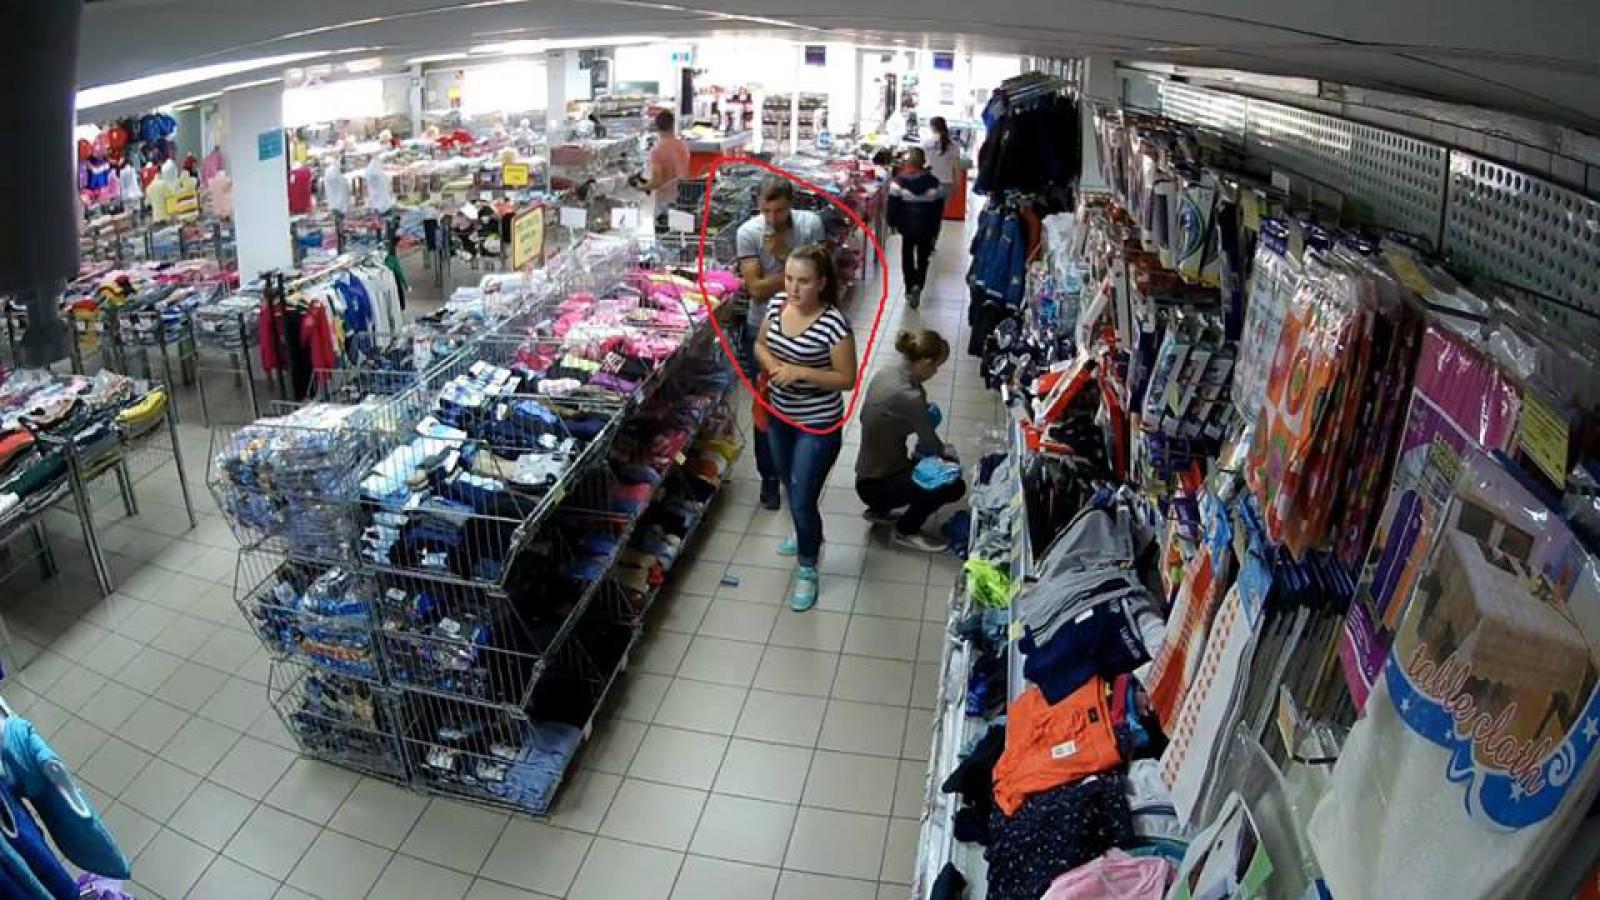 (foto) Tinerii din imagini sunt căutați de poliție după ce ar fi sustras un telefon dintr-un magazin din Bălți